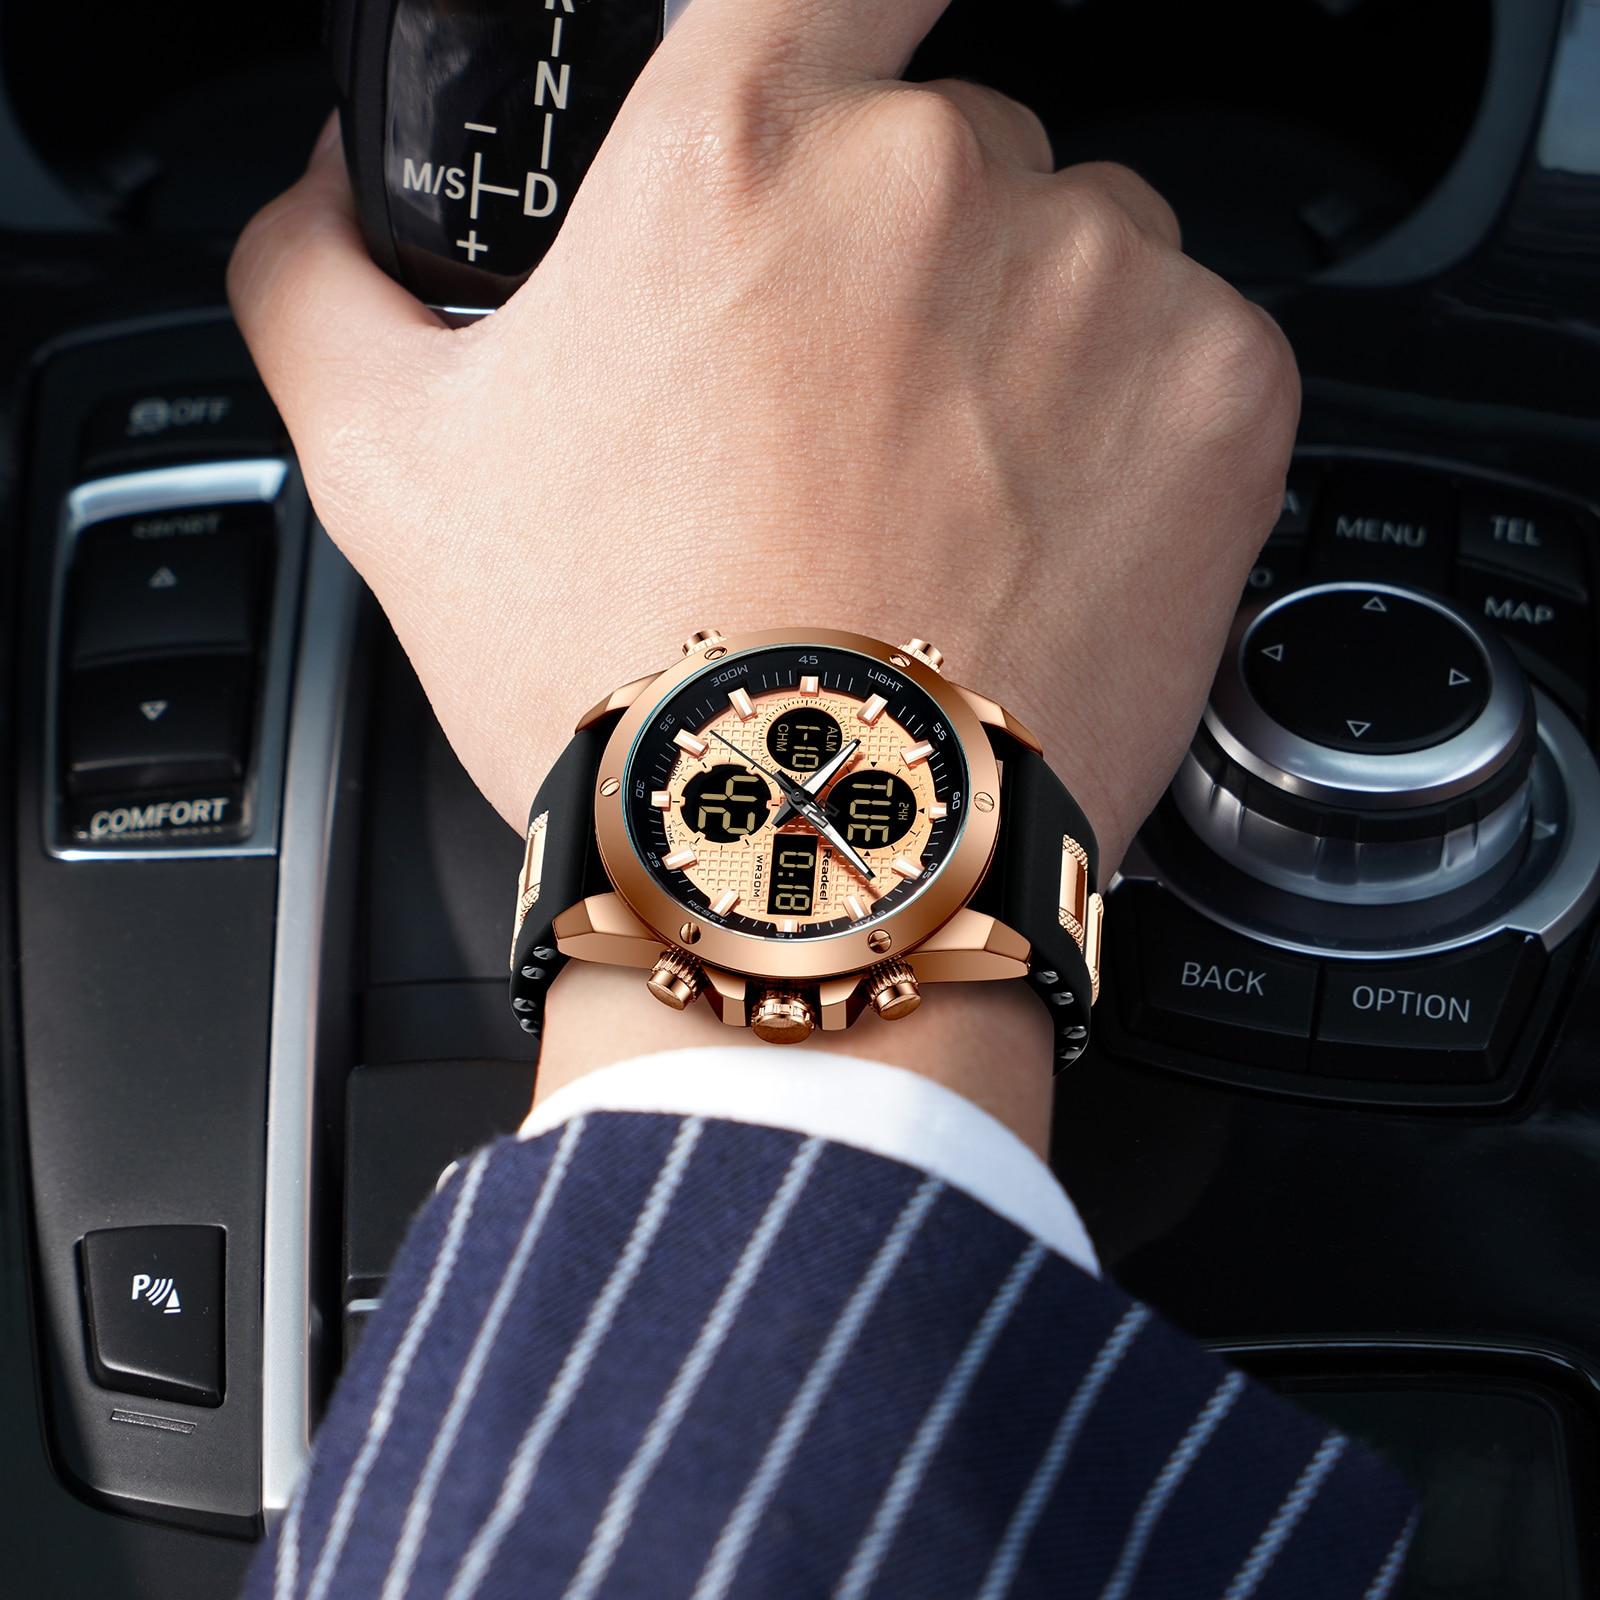 Męskie zegarki Top marka luksusowe Chronograph złota mężczyzna zegarka kwarcowe cyfrowy zegarek sportowy LED mężczyźni mężczyzna zegar mężczyzna zegarek wodoodporny 6